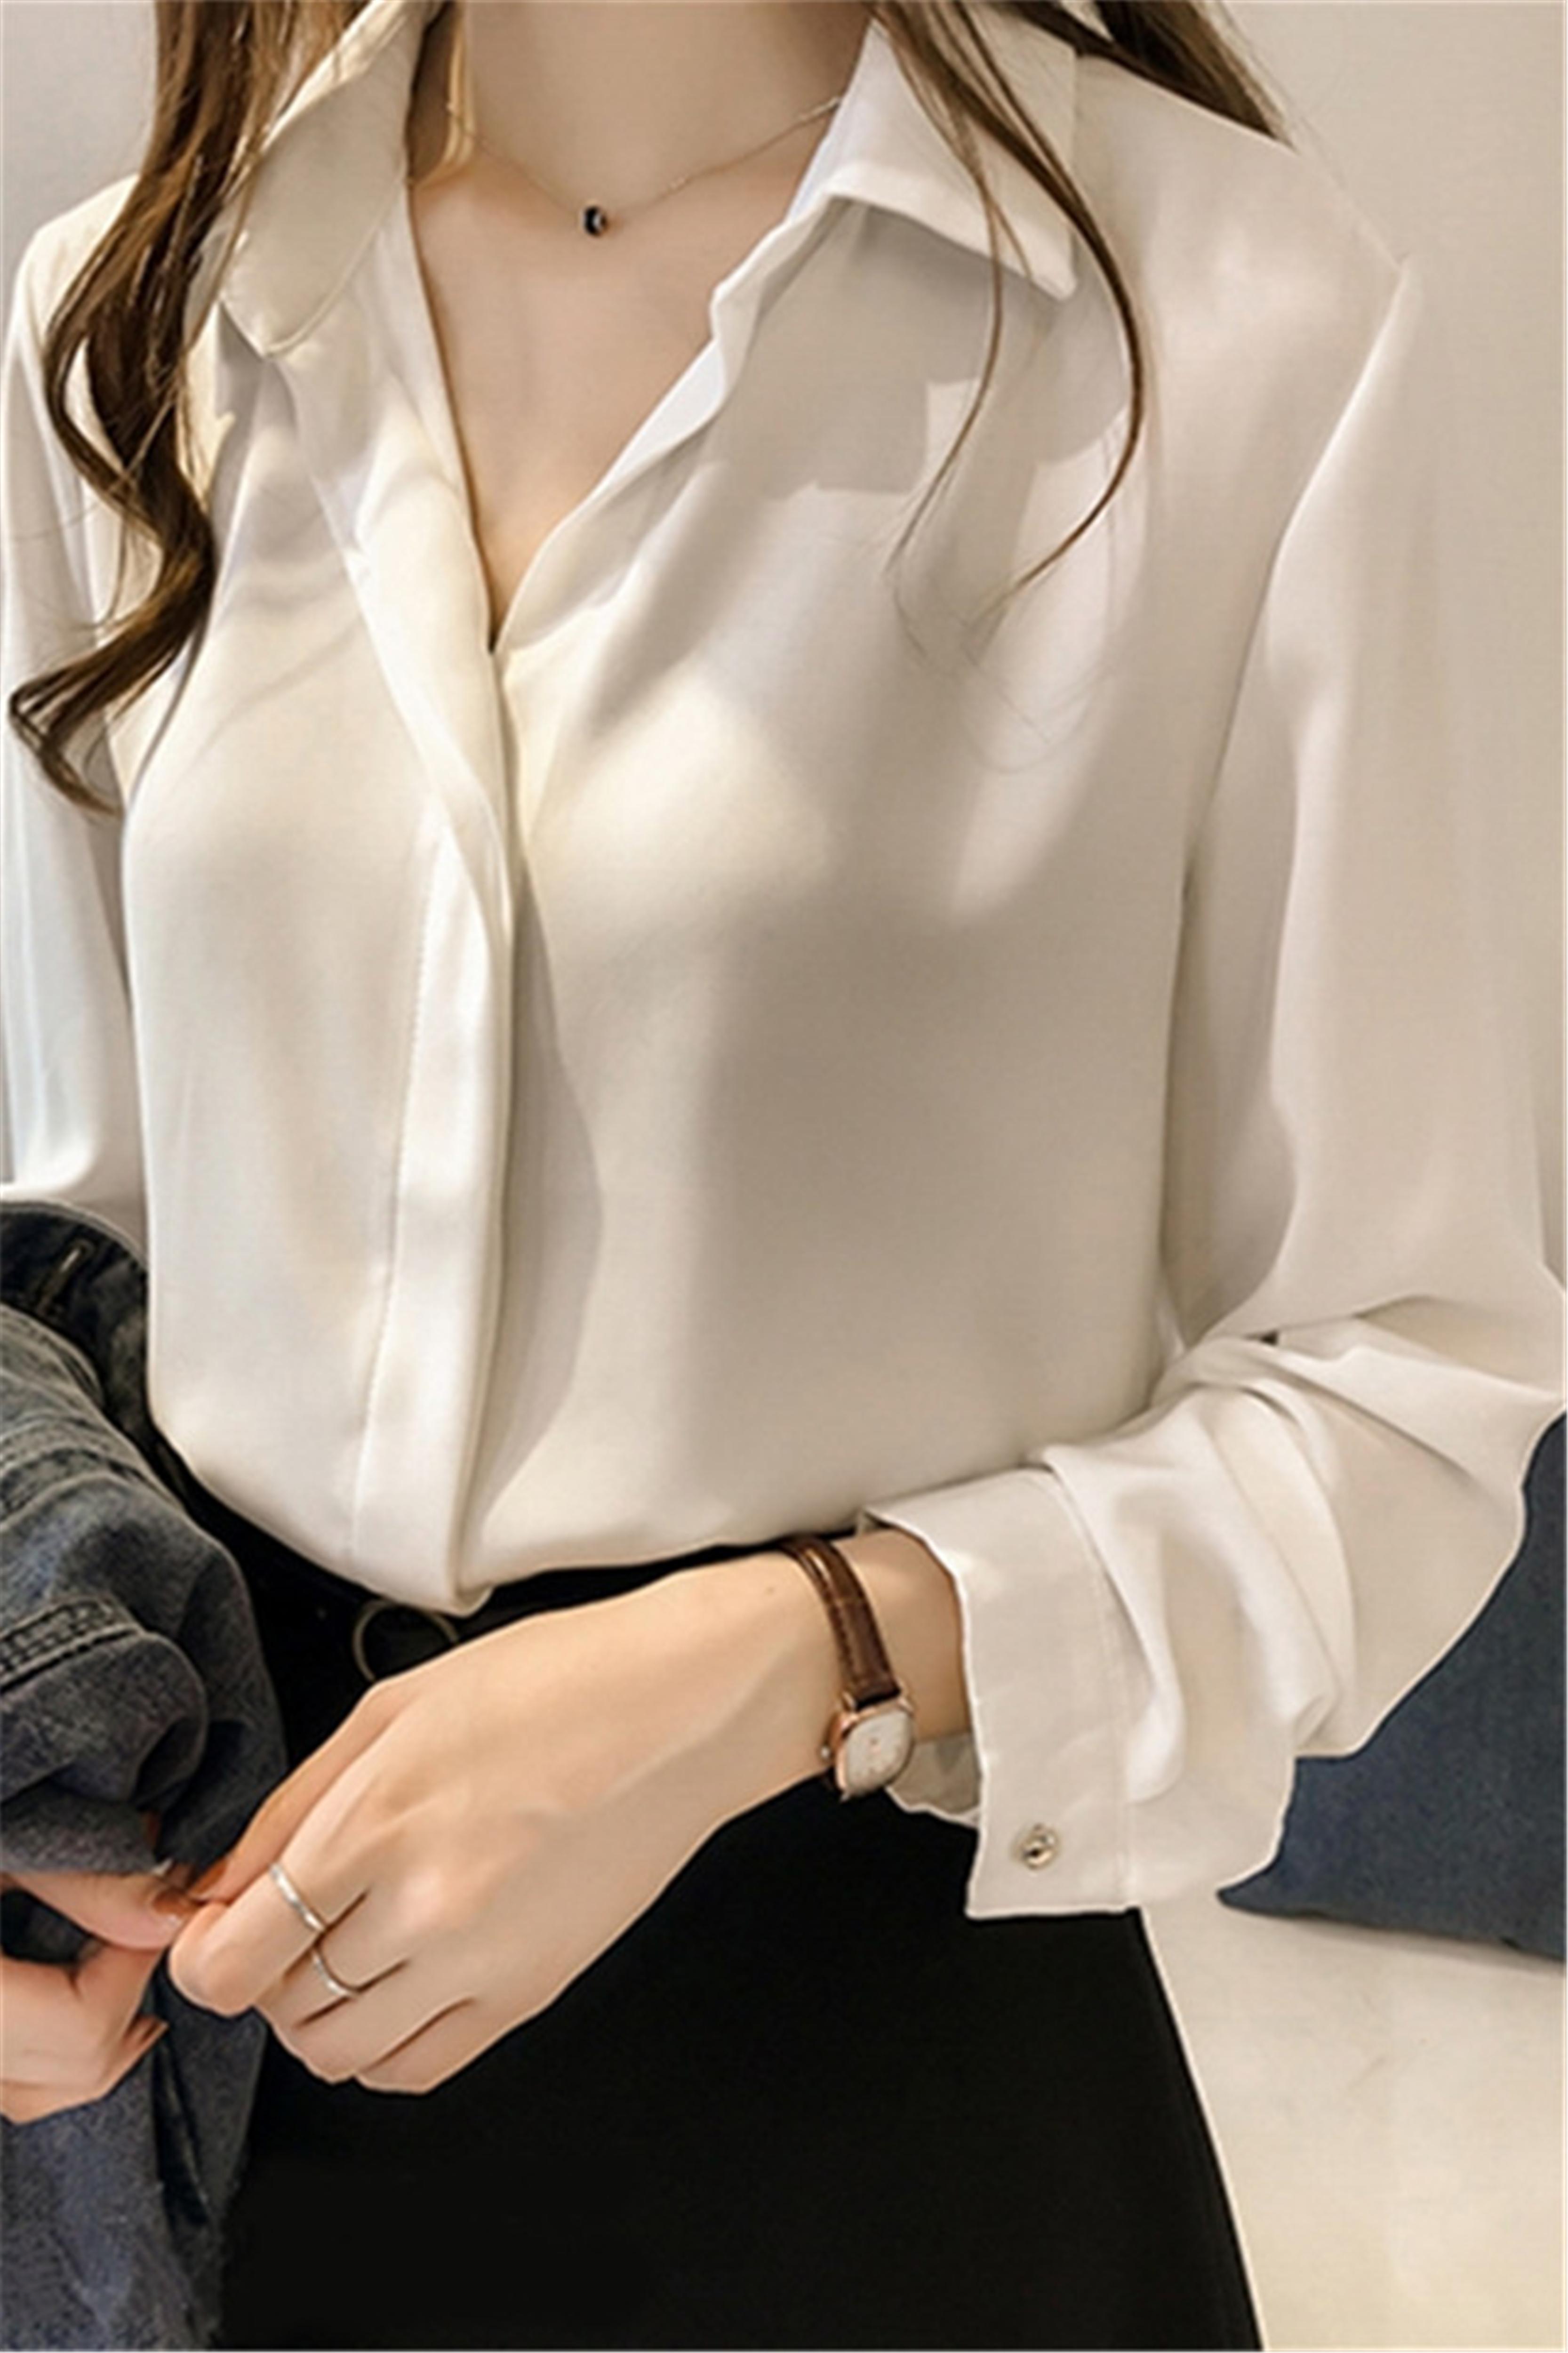 衬衫女春秋款长袖复古港味内搭雪纺打底白衬衣上衣设计感小众